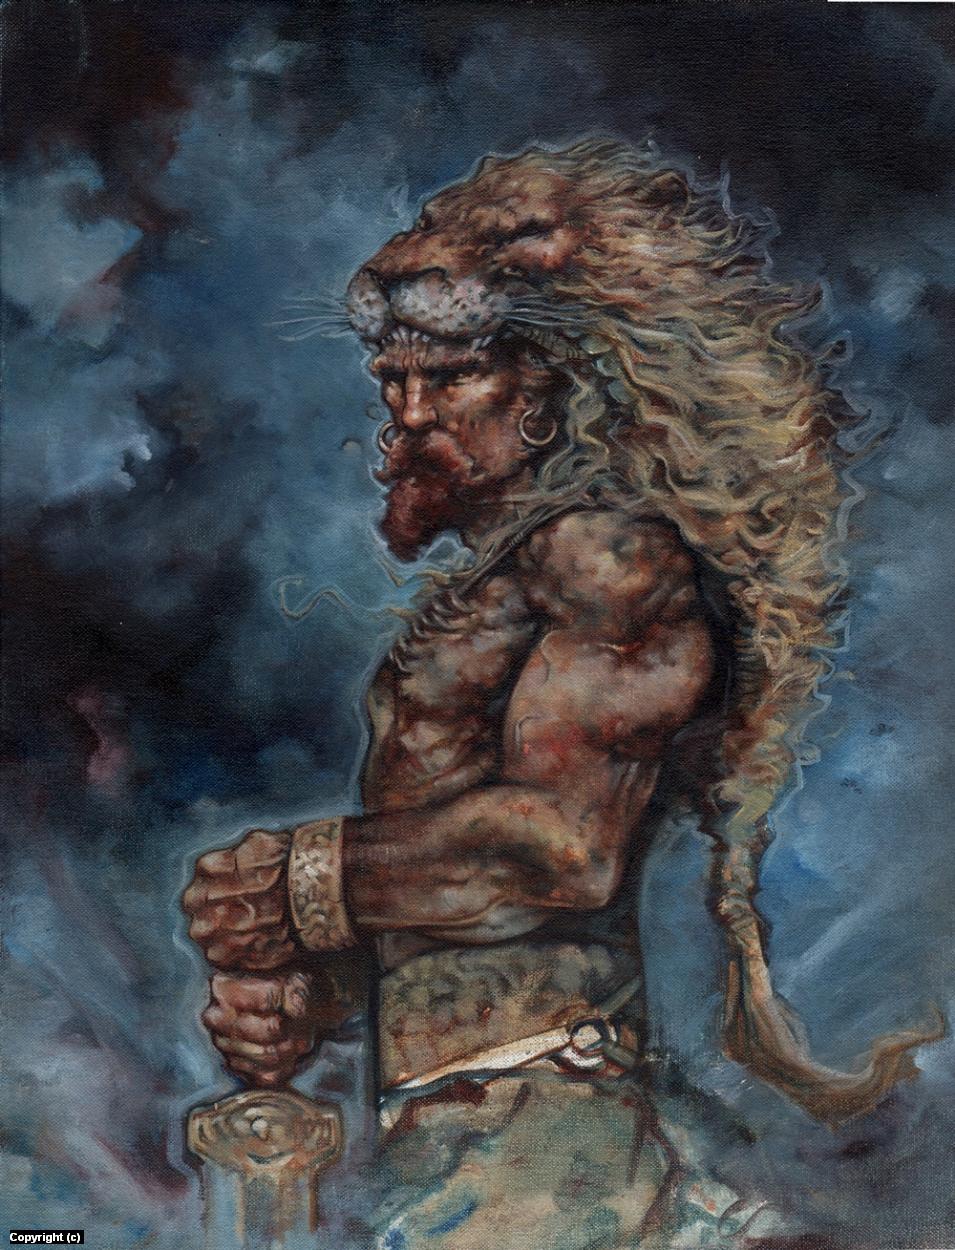 Hercules Artwork by Jeff Lafferty